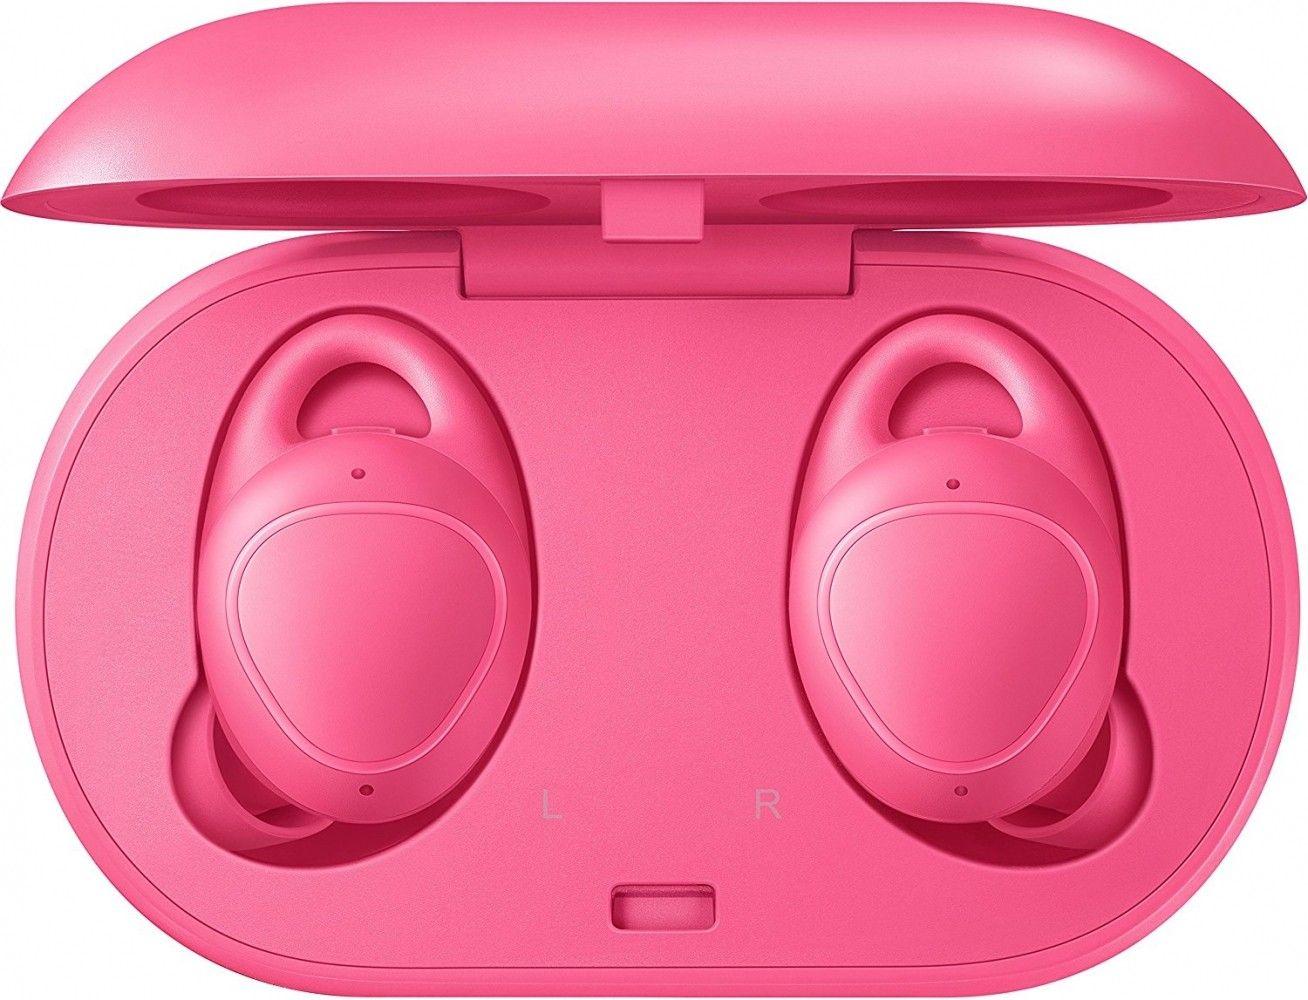 Беспроводные наушники Samsung Gear IconX 2018 Pink (SM-R140NZIASEK) от Територія твоєї техніки - 8